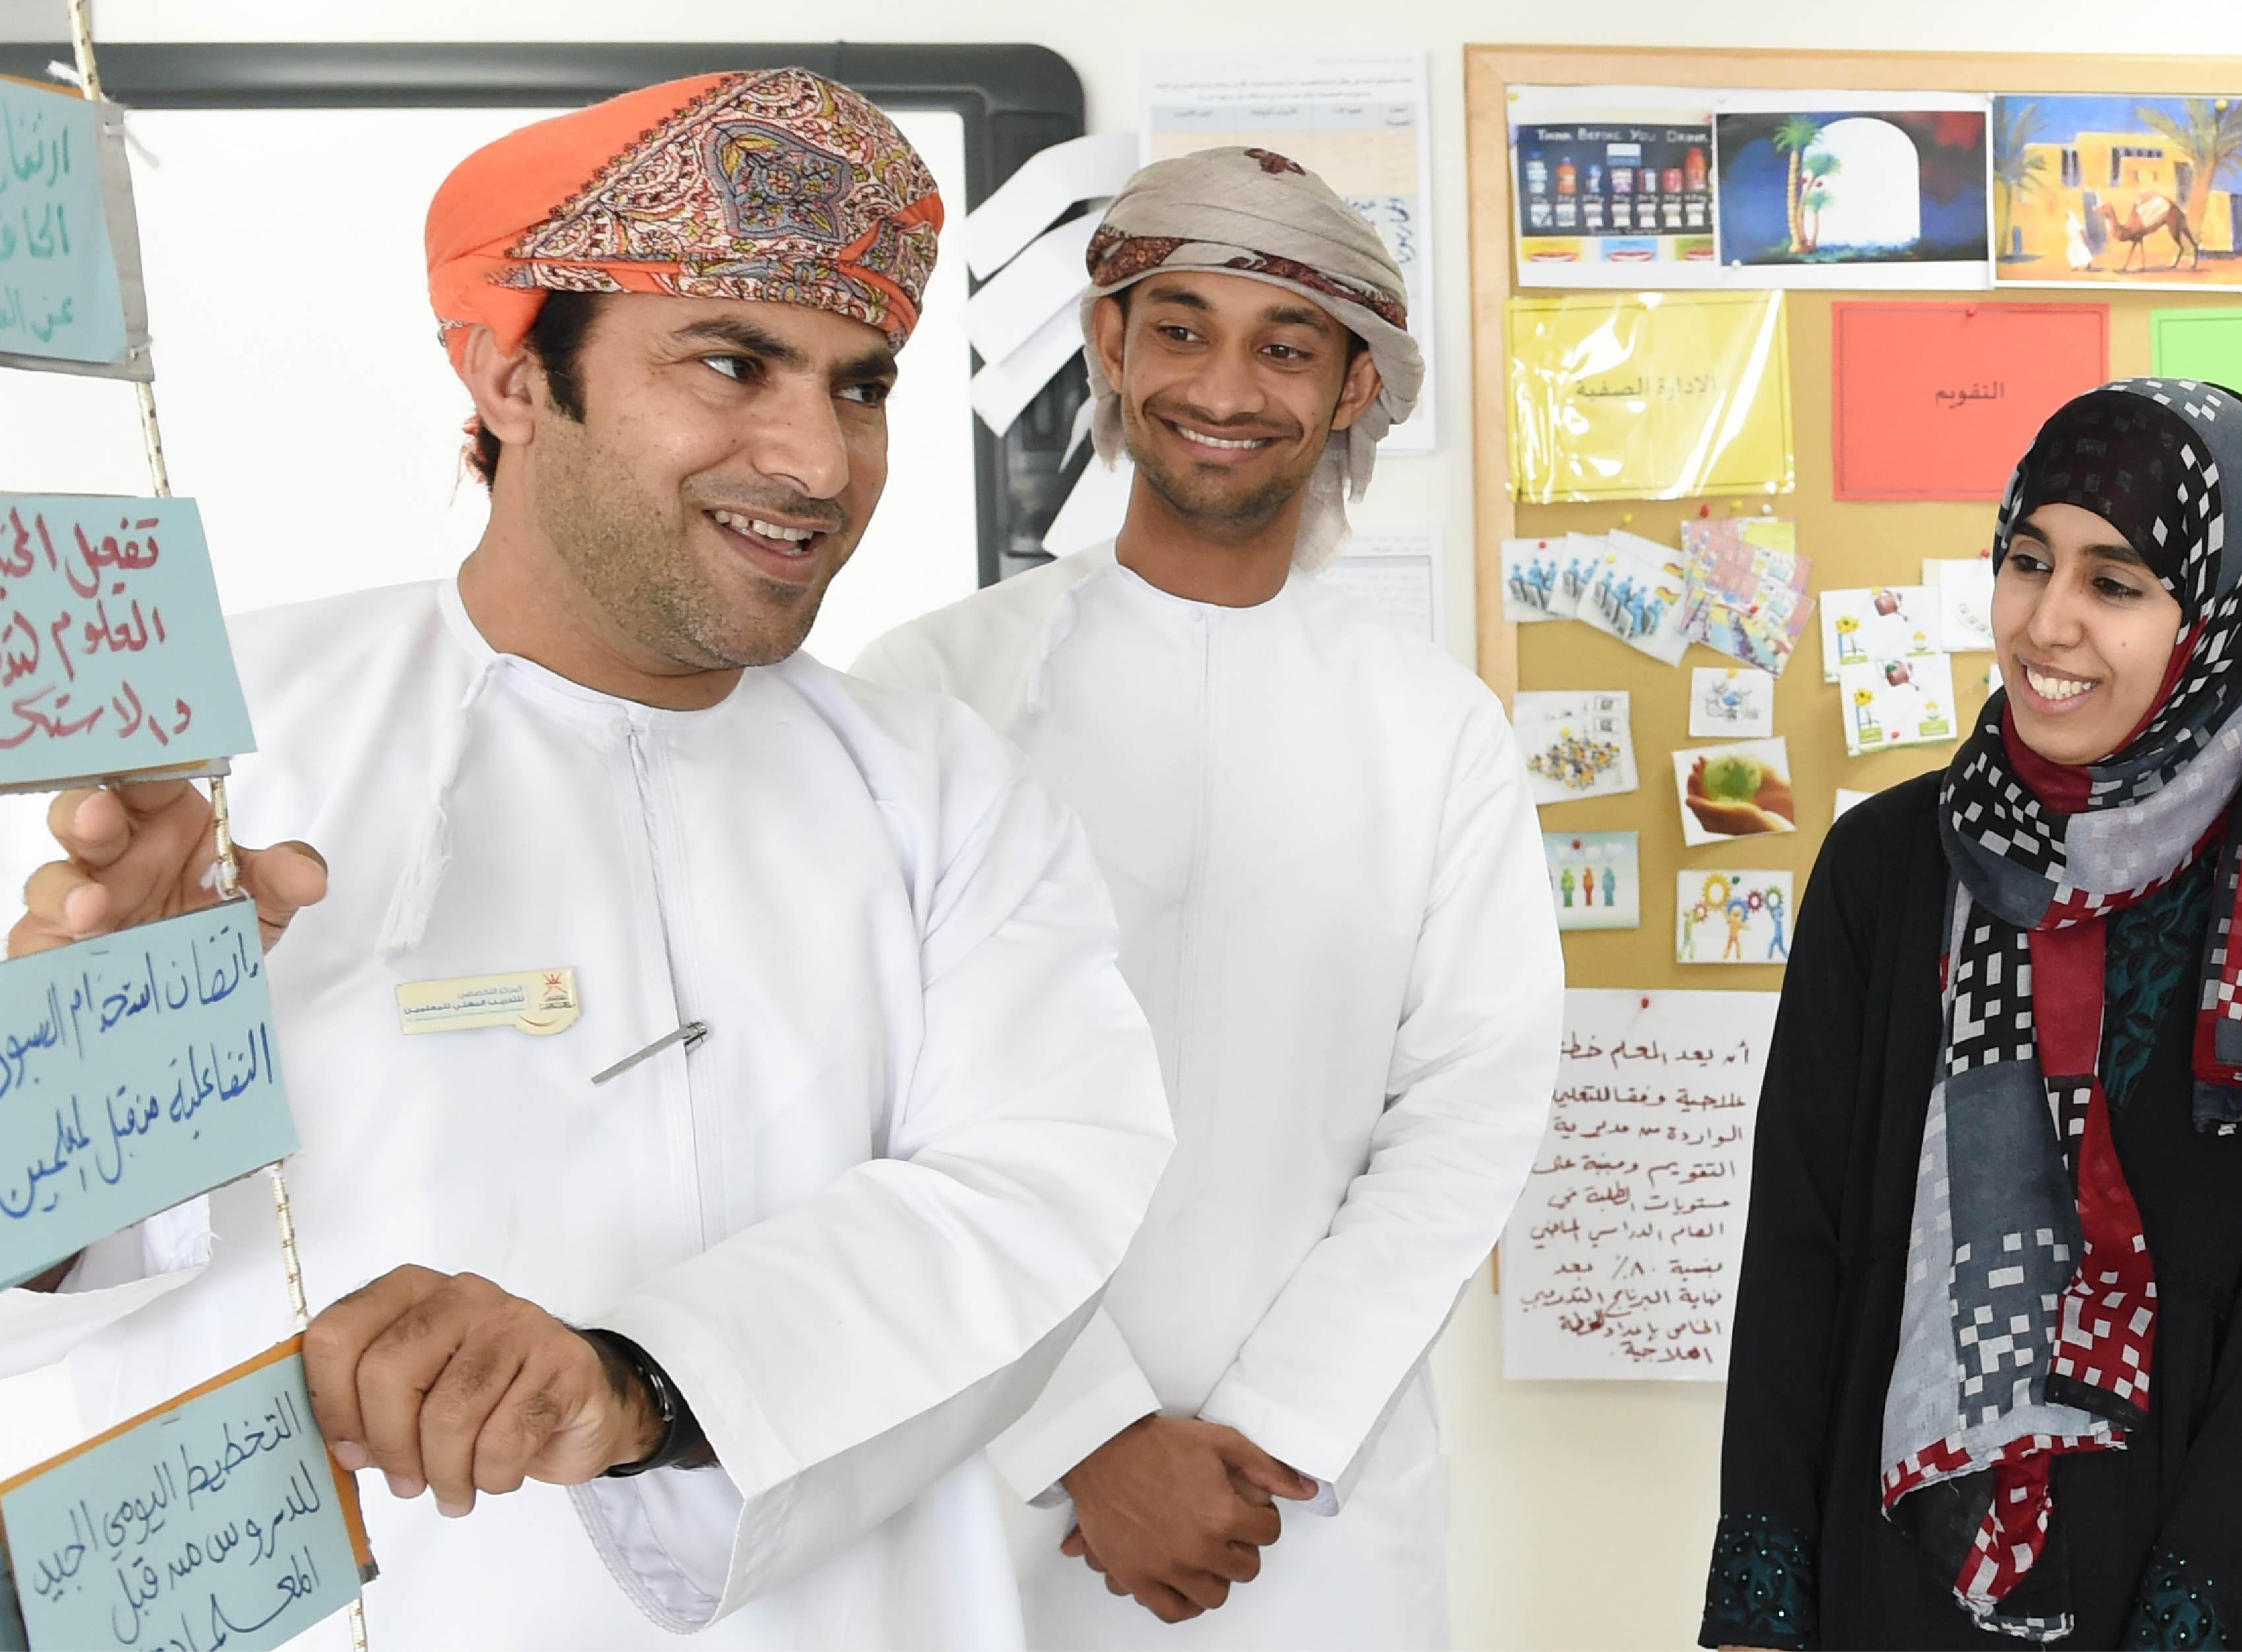 برنامج المعلمين  <br> العمانيين الجدد